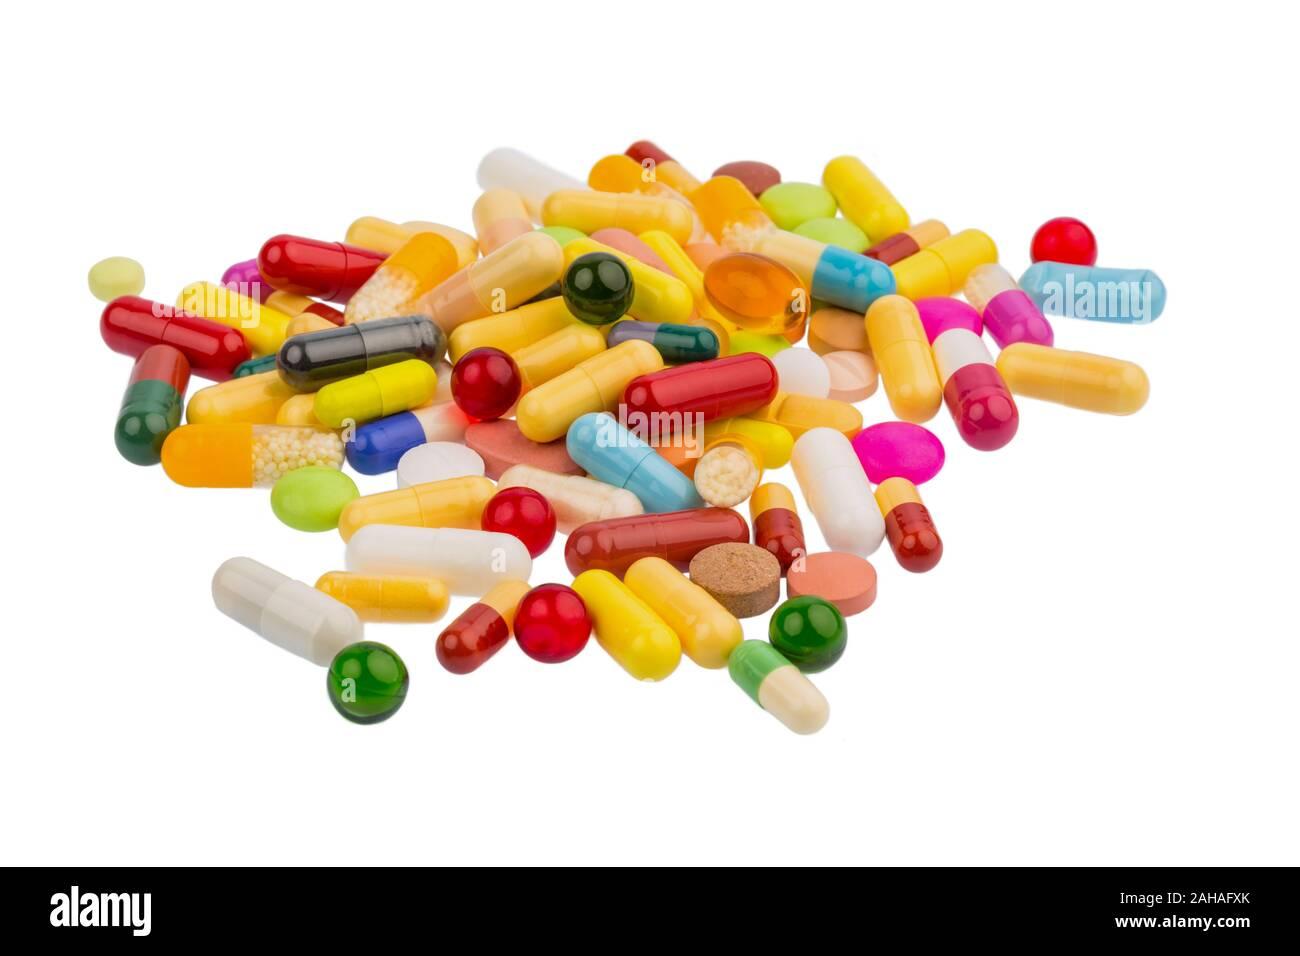 Verschiedene Tabletten, Kosten, Geld, Euro, US-Dollar,Gesundheitswesen, Krankenhasse, Medizin, Pillen, Stock Photo